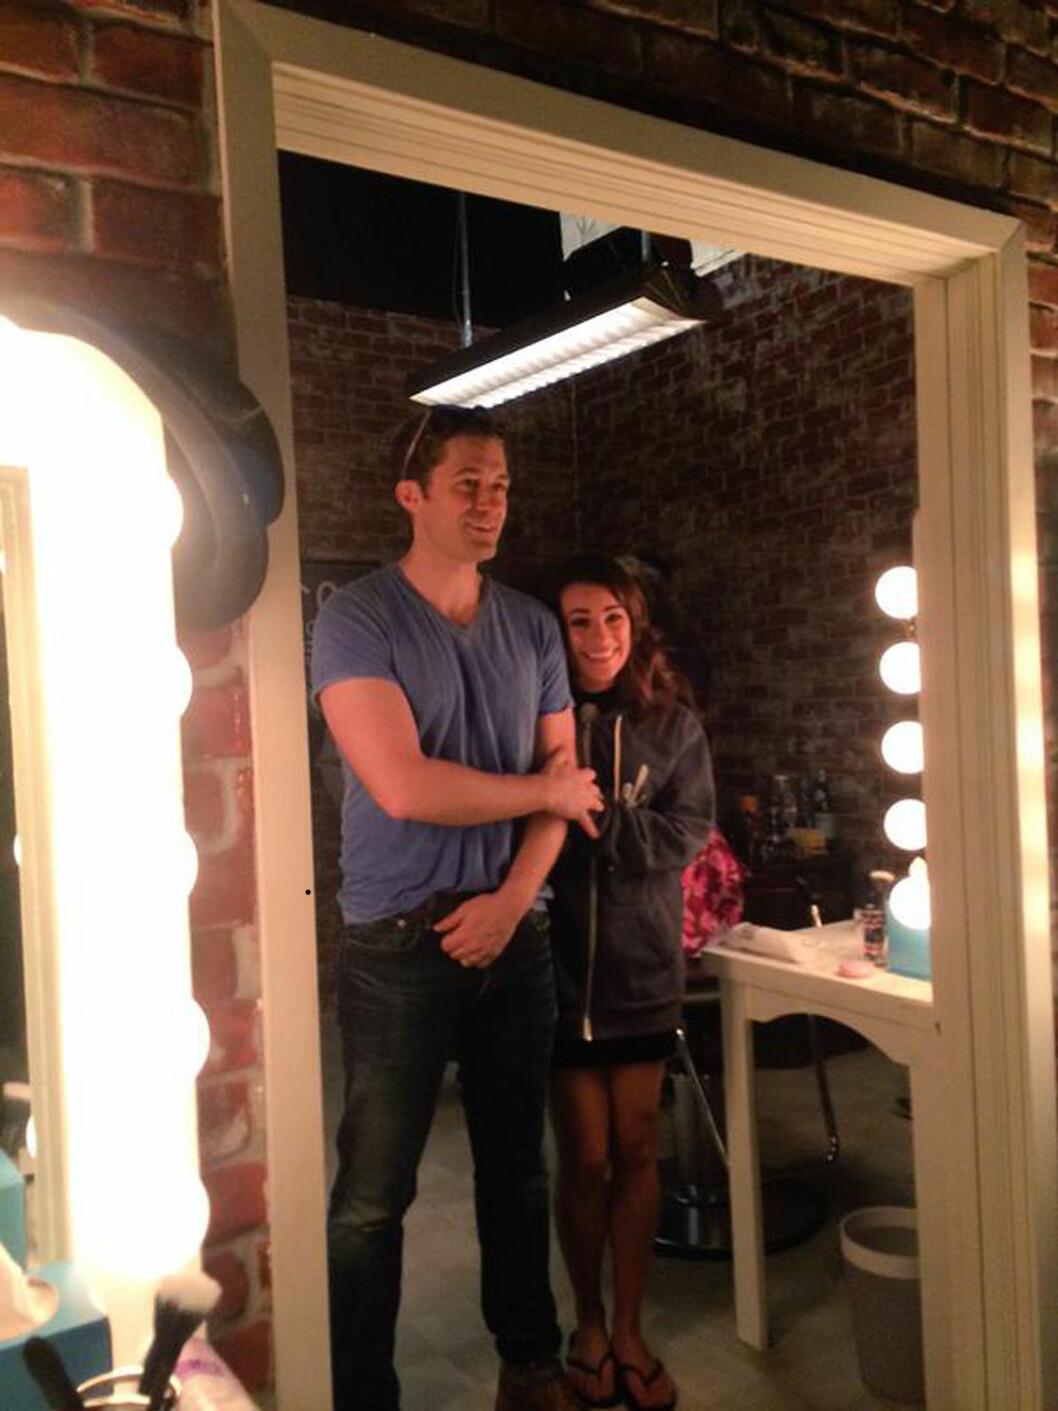 DATET FØR GLEE: Matthew Morrison og Lea Michele. Foto: Xposure